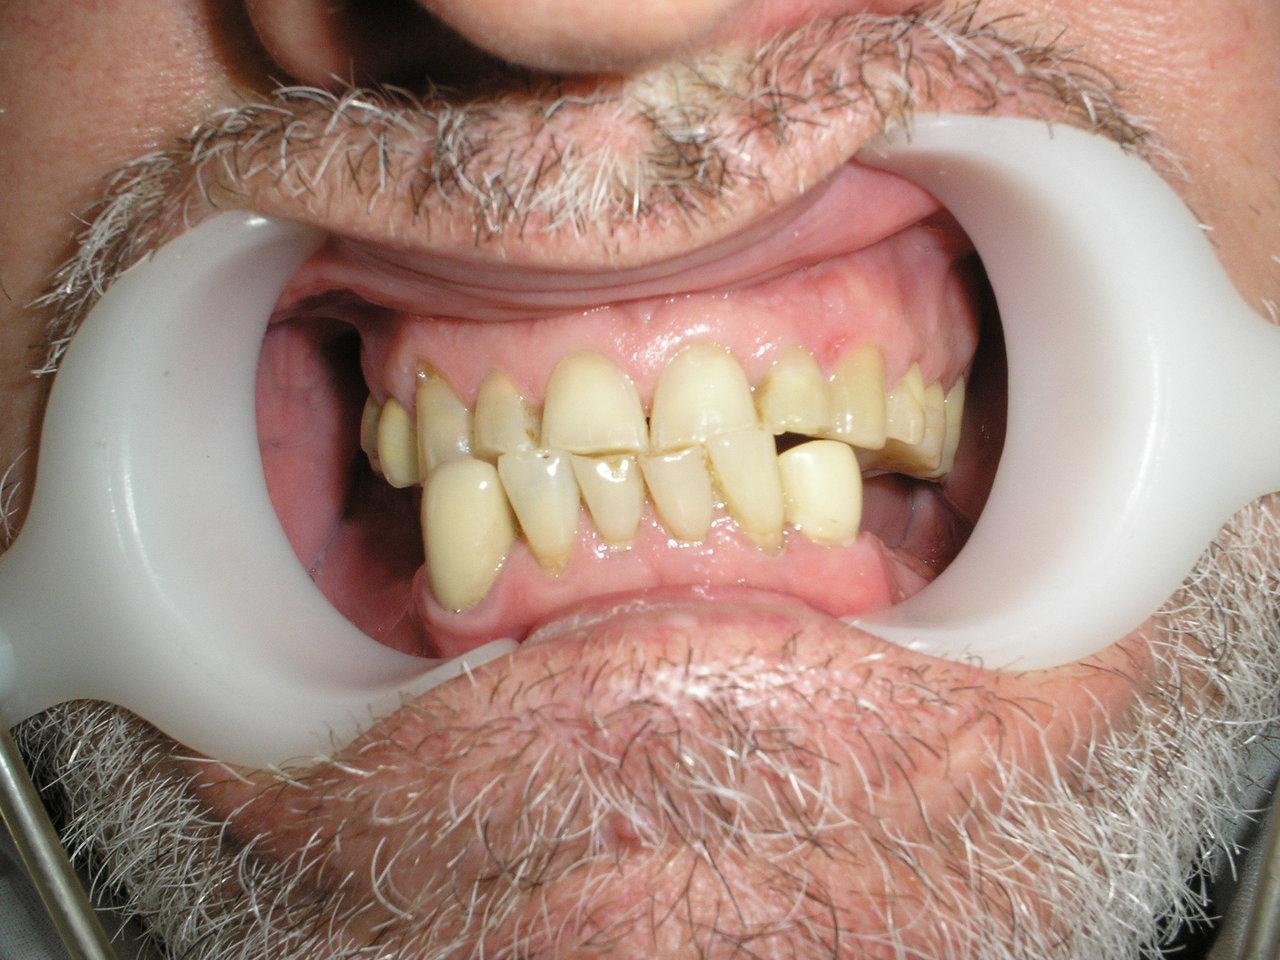 Рис. 1. Смыкание зубных рядов в привычной окклюзии.